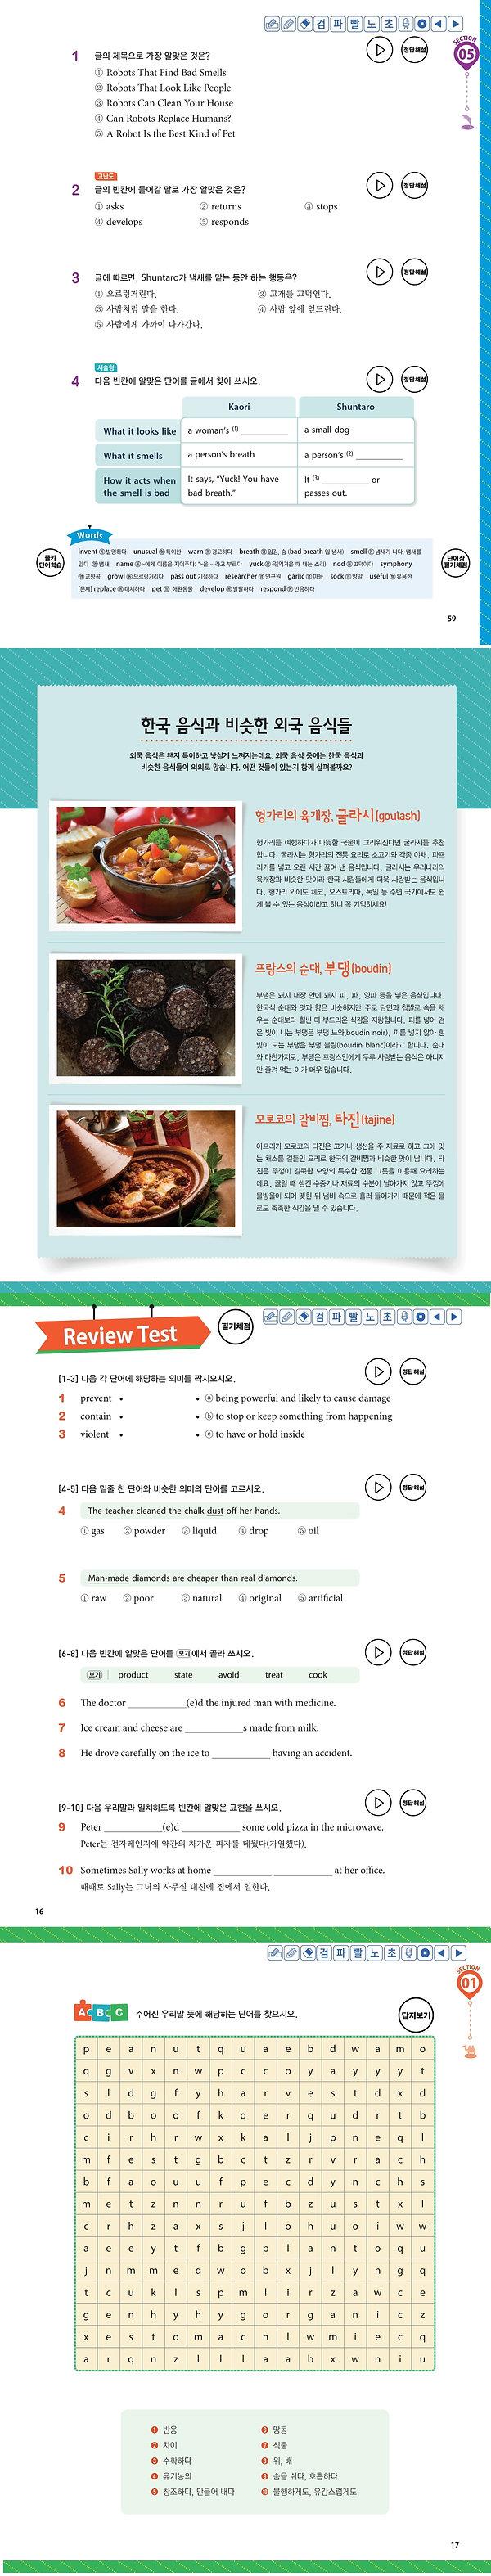 주니어 리딩튜터 L1 상품소개 페이지 3.jpg